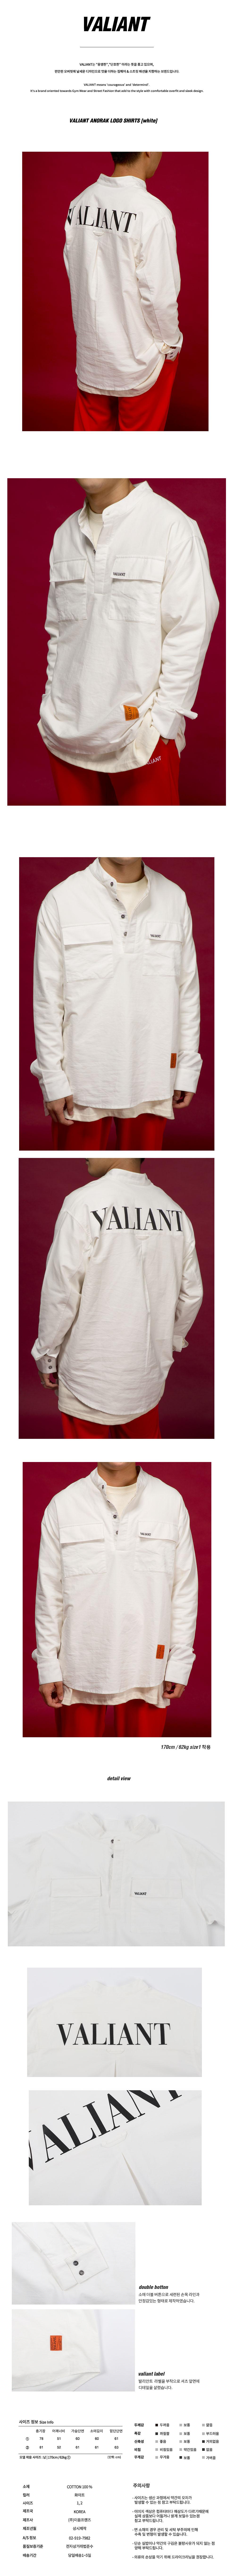 주머니셔츠A-WHITE.jpg